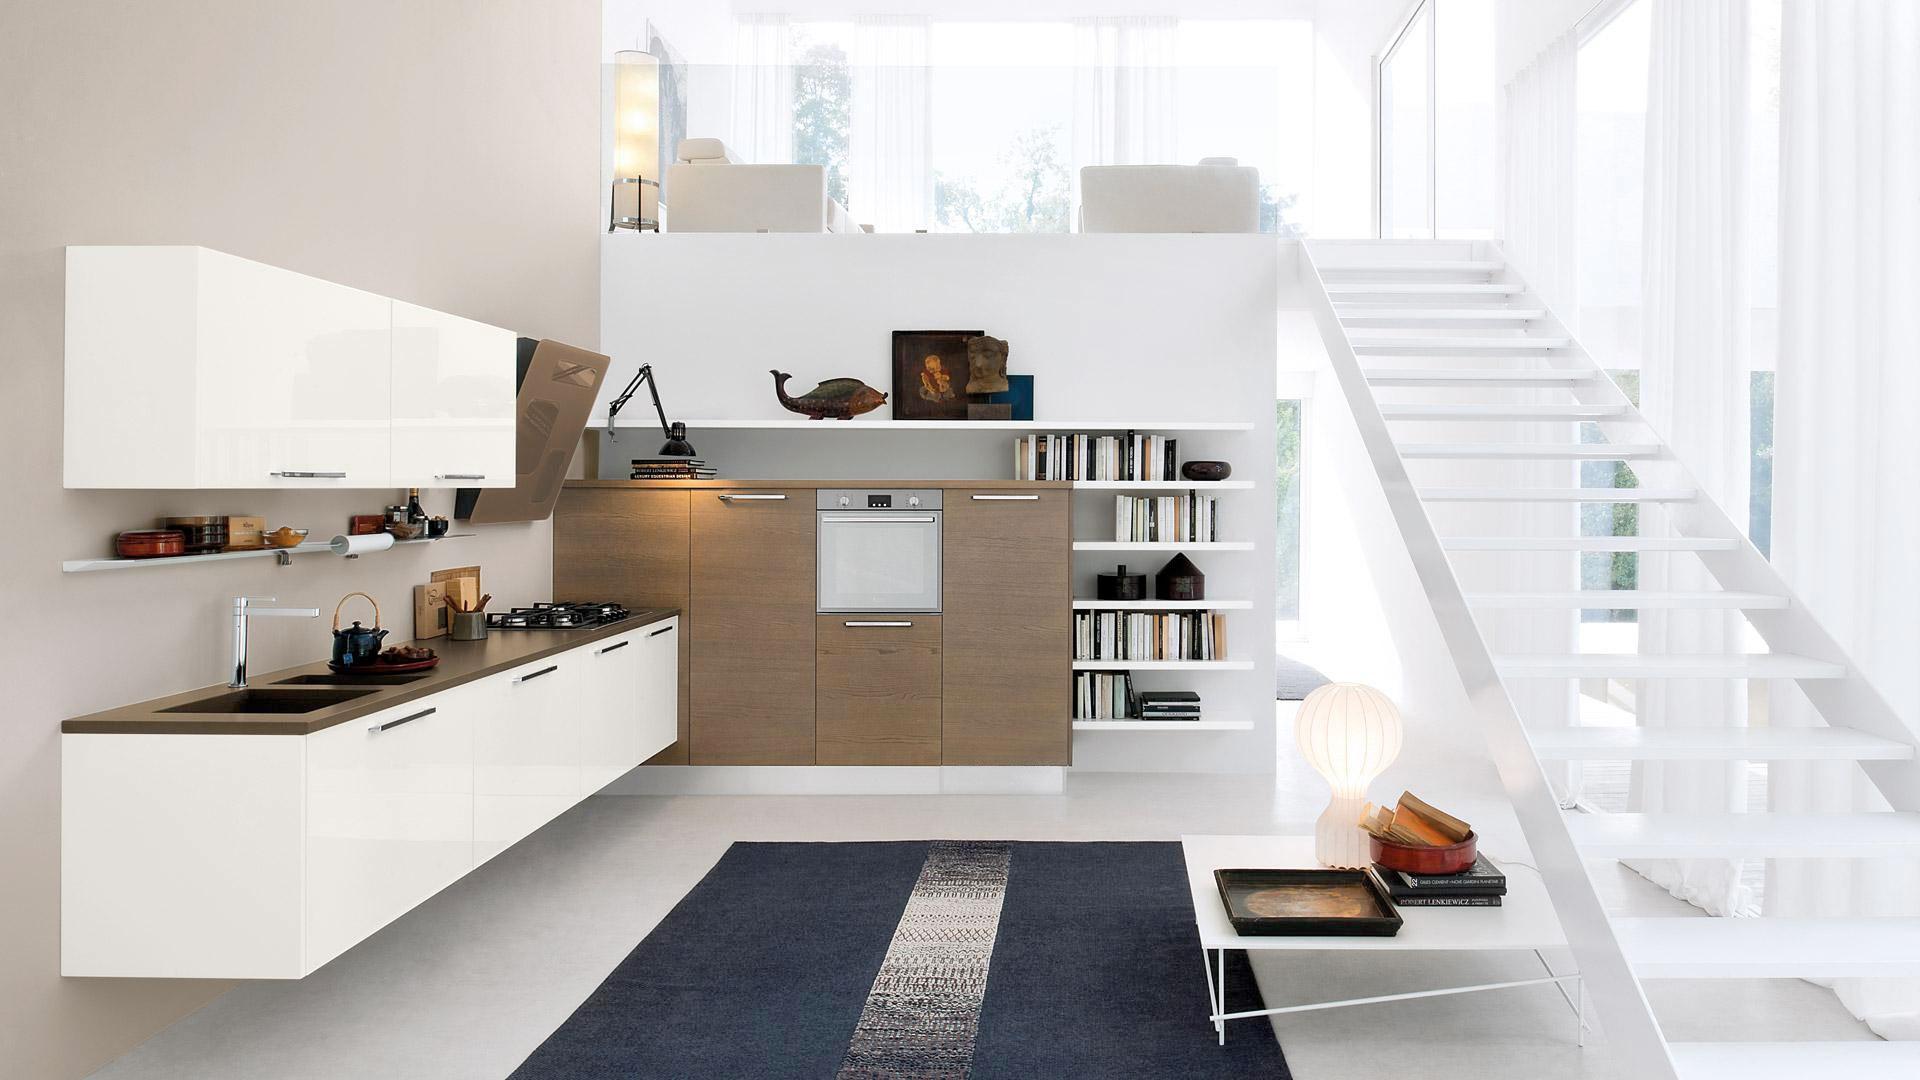 Come organizzare la cucina: idee di stile e salvaspazio - Cucine ...